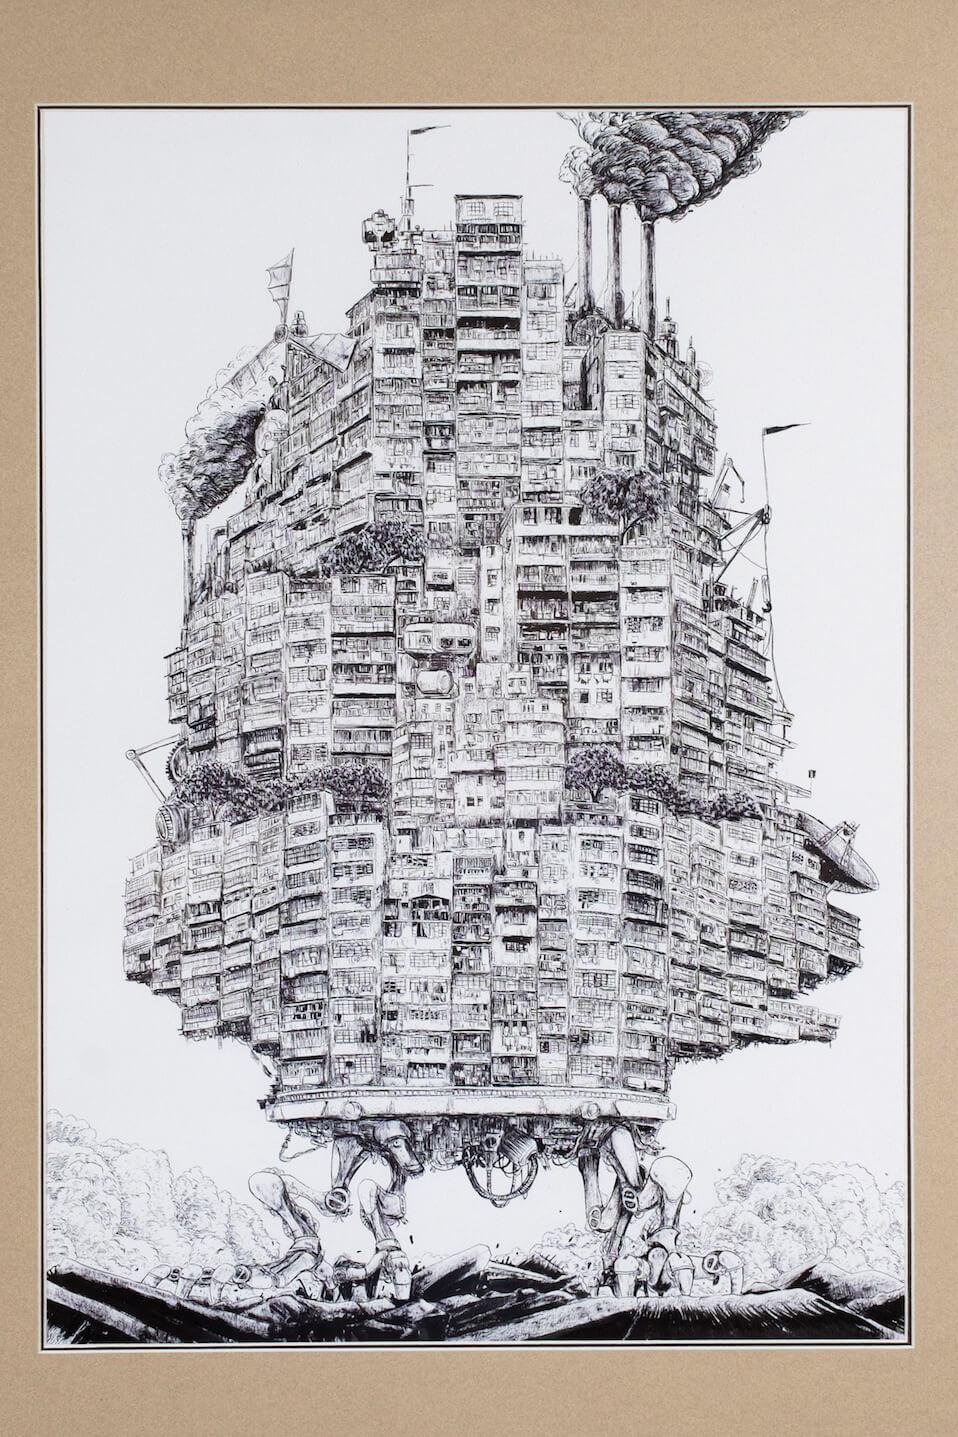 城市發展容不下非摩天大樓的舊建築,唐樓只好展開「走佬之旅」。